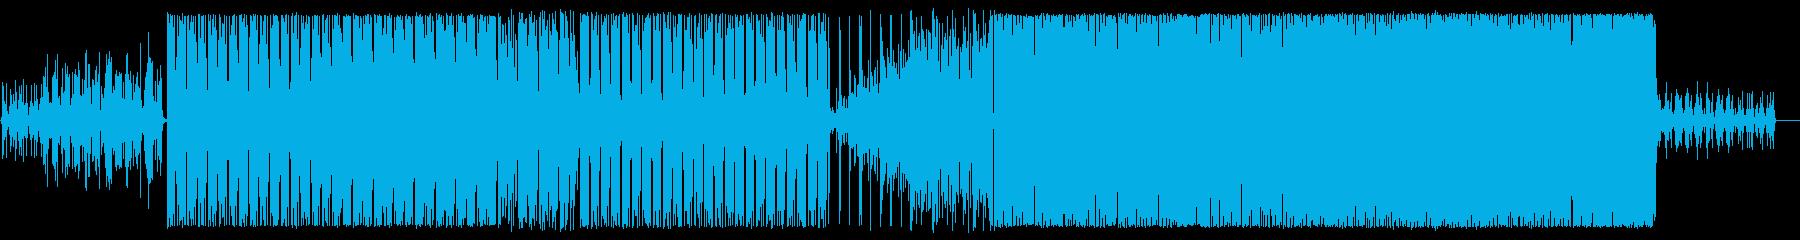 爽やか/ピアノ/清涼感/後半はビート強めの再生済みの波形